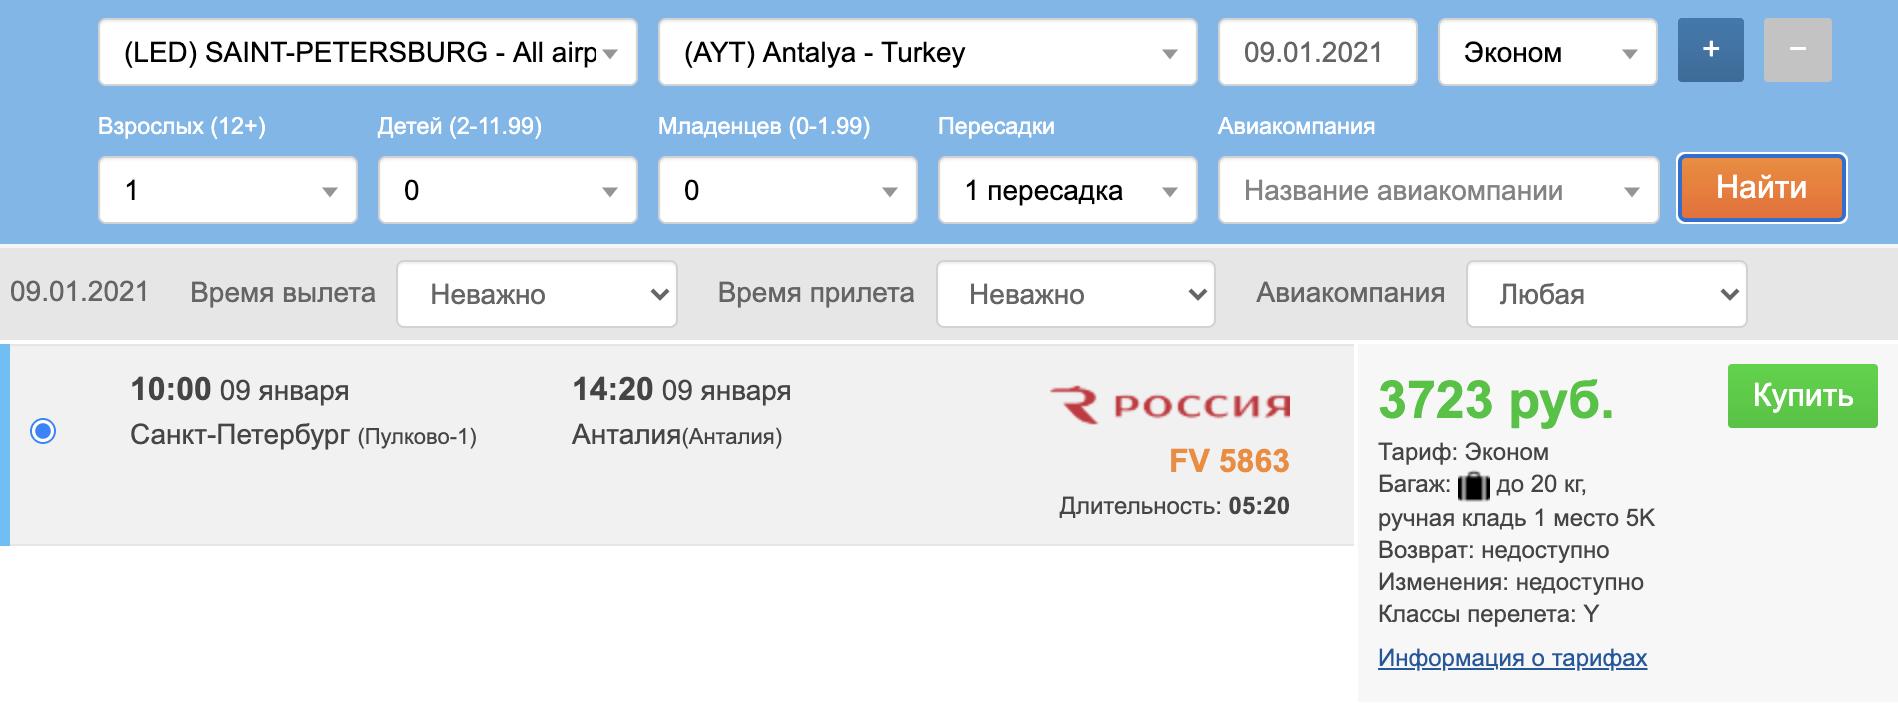 Для самостоятельных! Дешевые чартеры из СПб в Анталью от 9100₽ туда-обратно